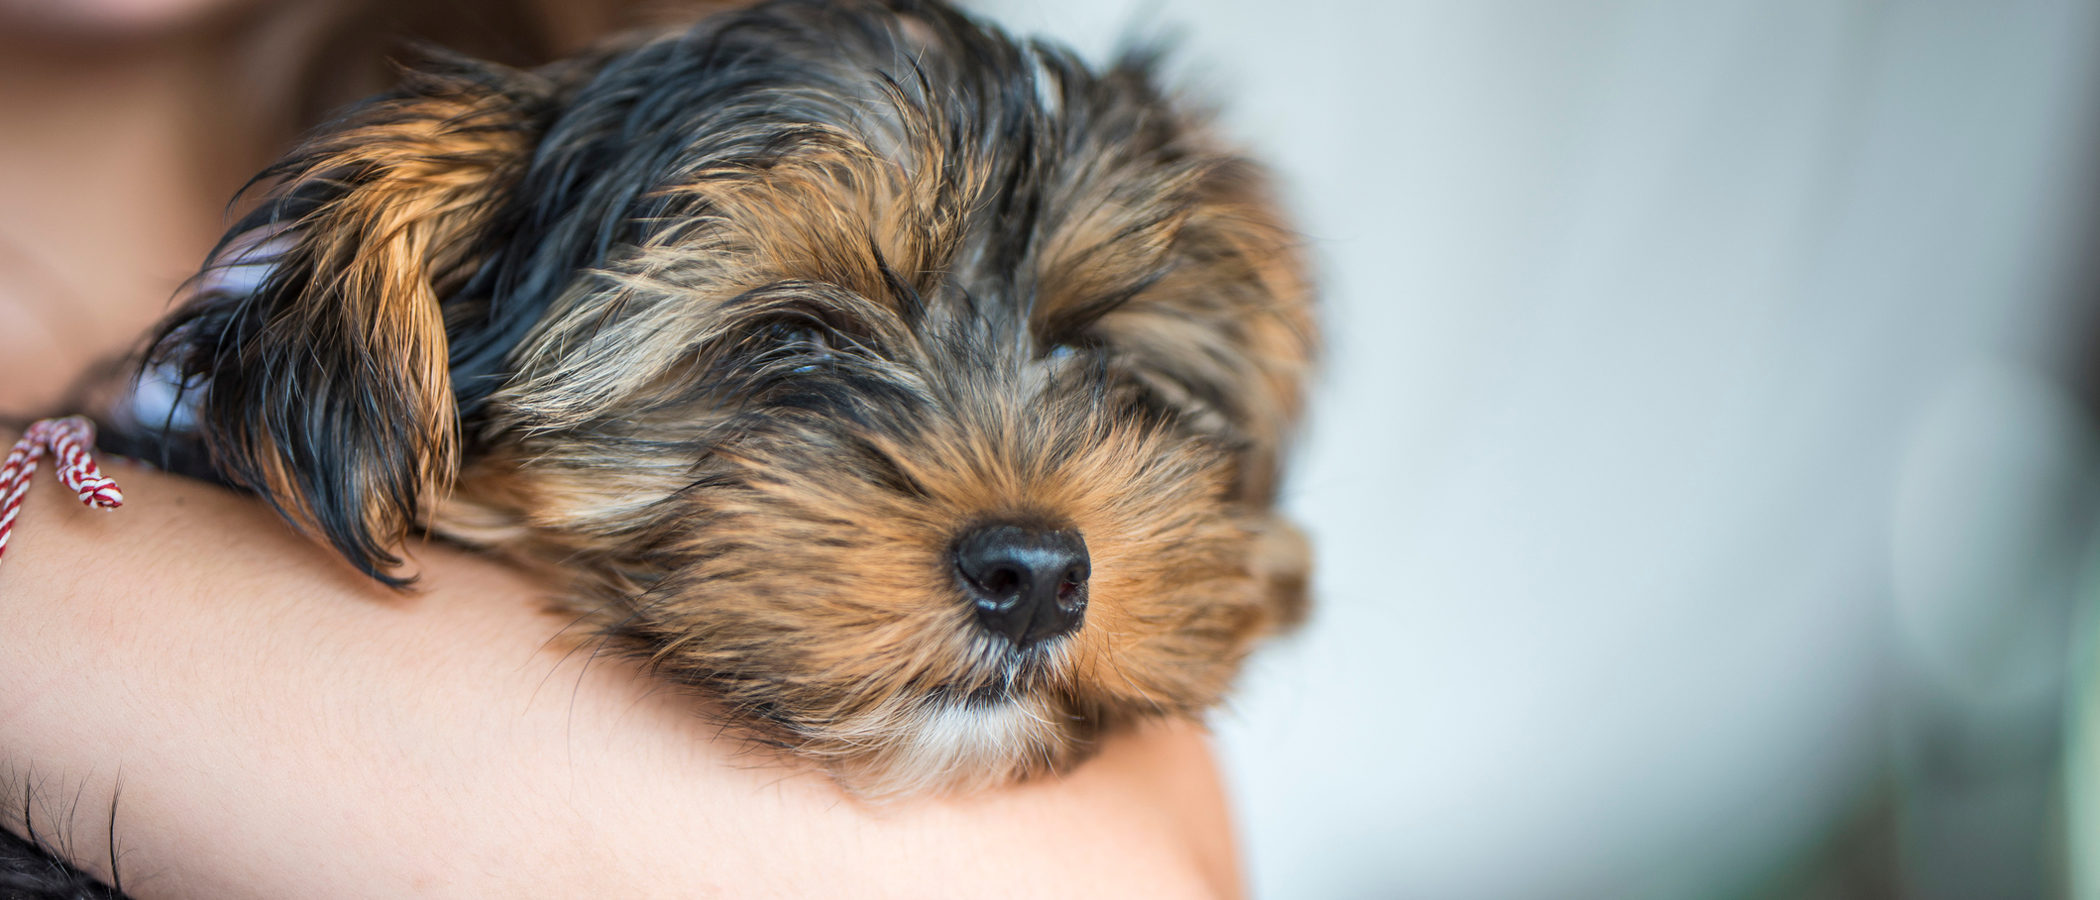 Ventajas de adoptar un perro pequeño si tenemos niños pequeños